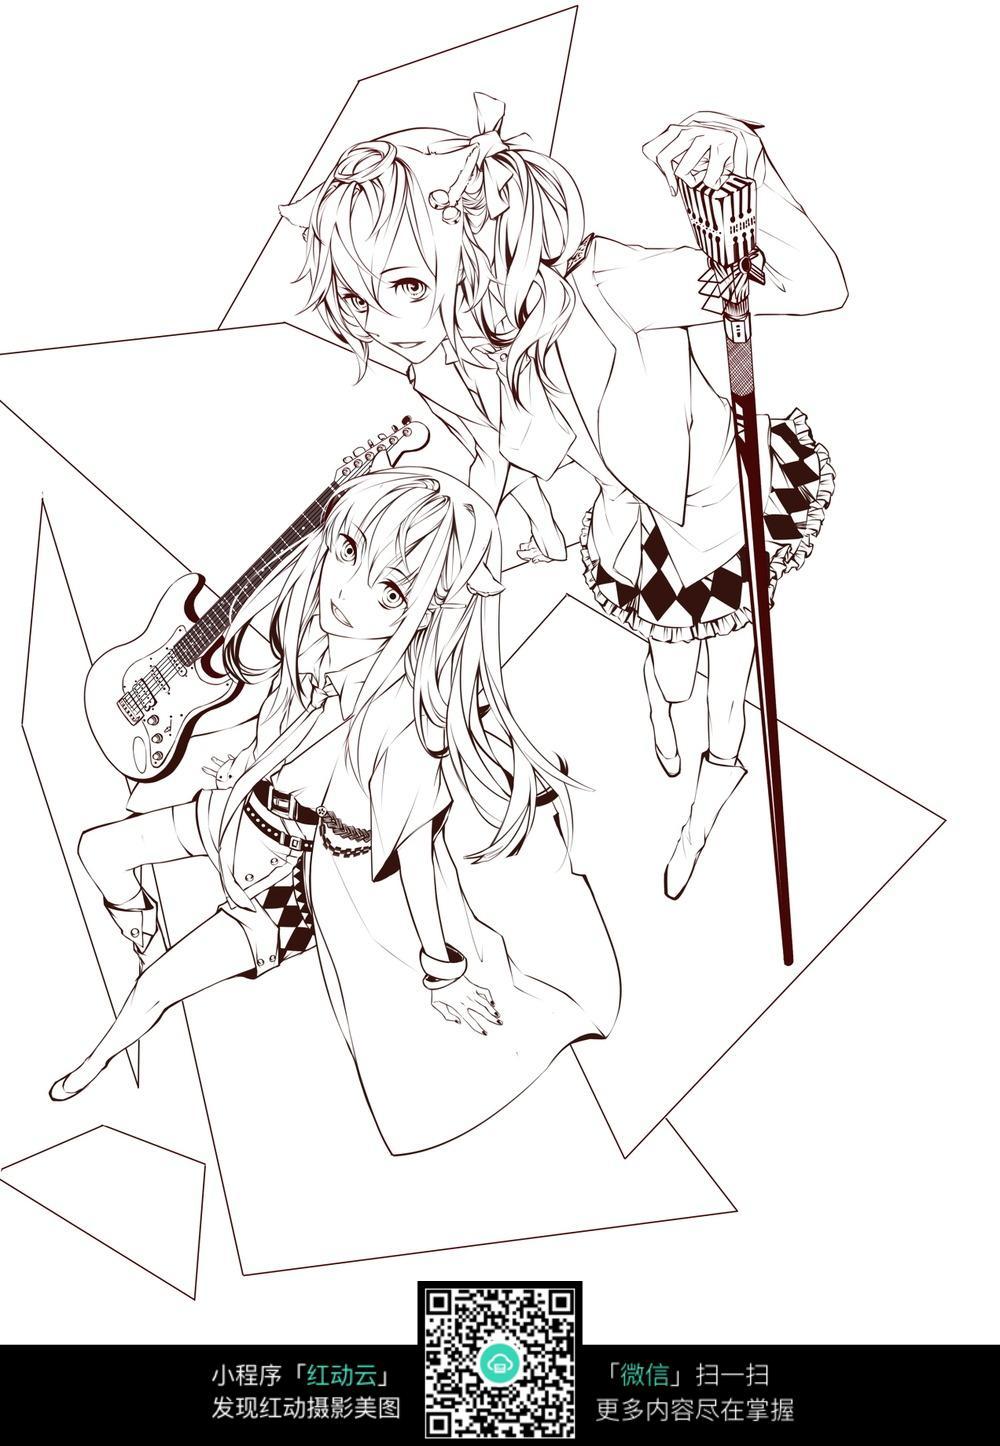 卡通弹吉他唱歌的美少女黑白简笔画图片素材_人物卡通